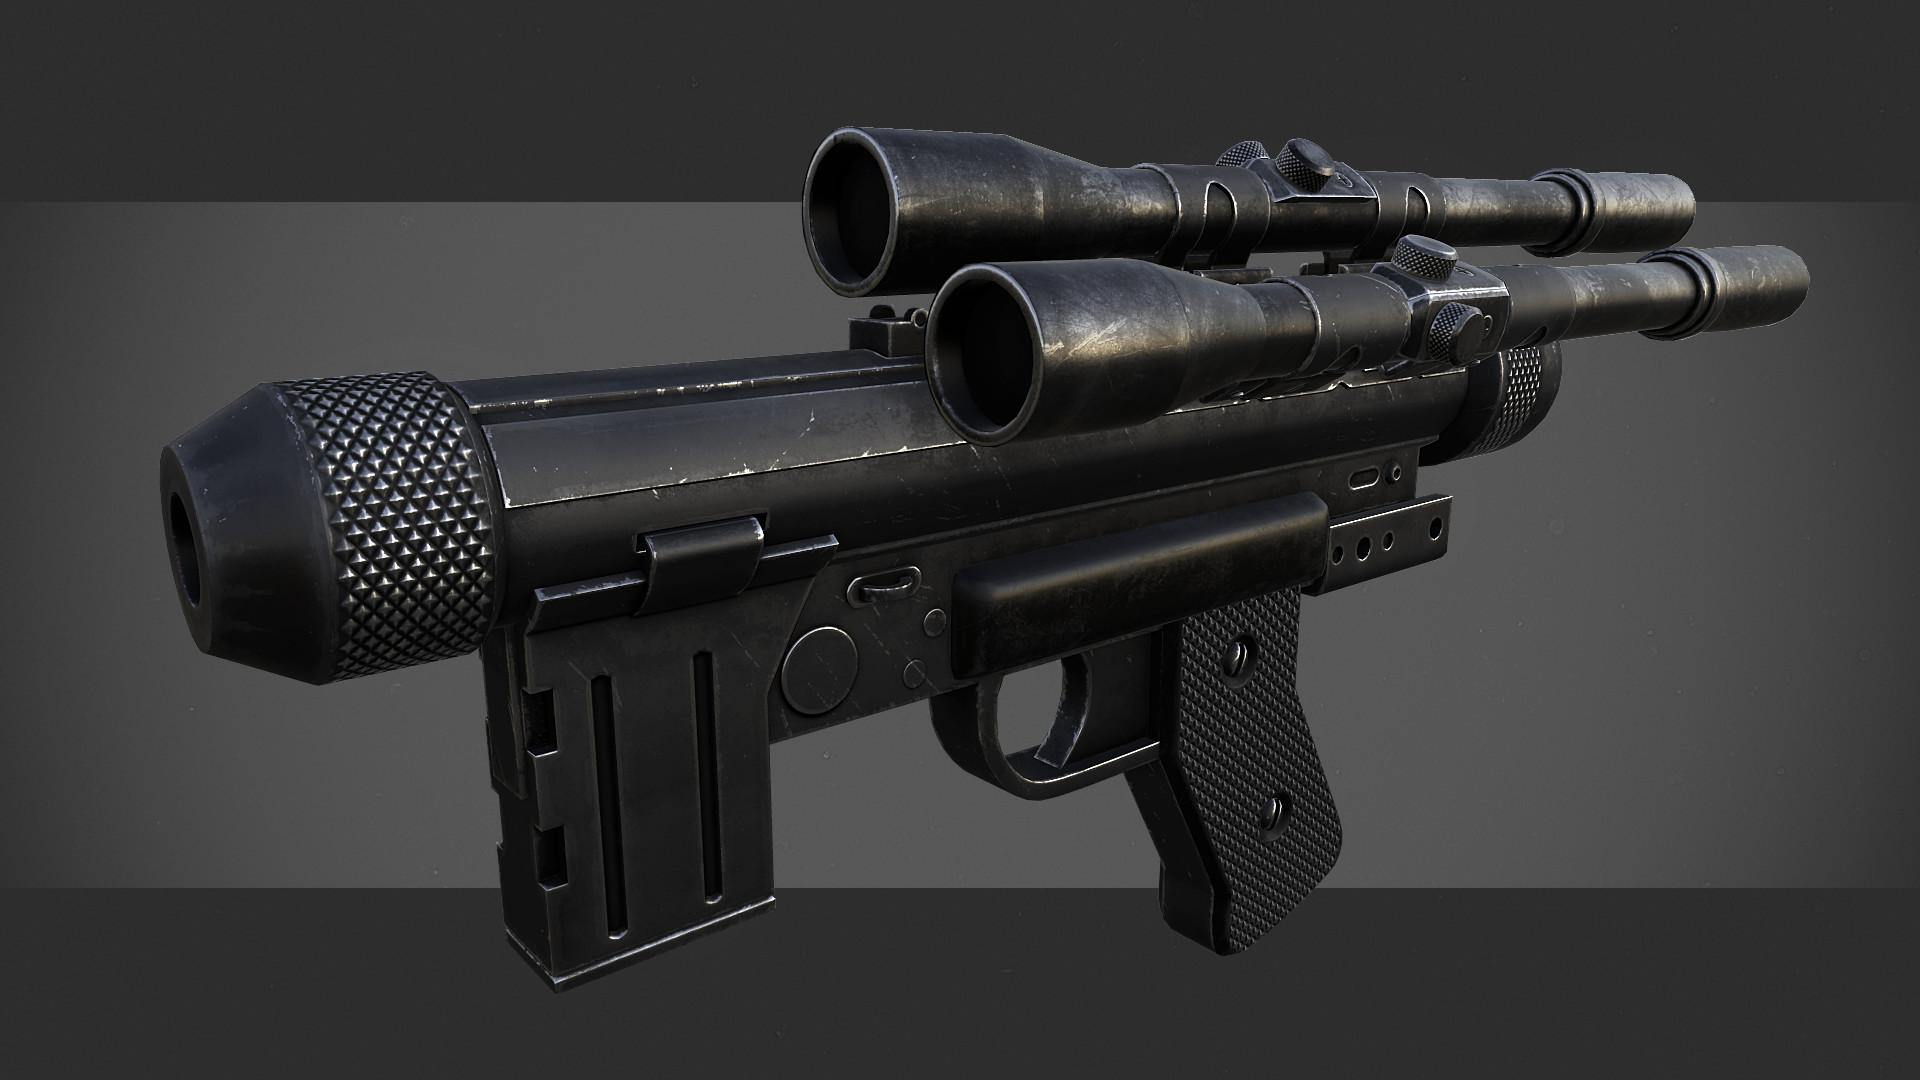 SunBro's gun